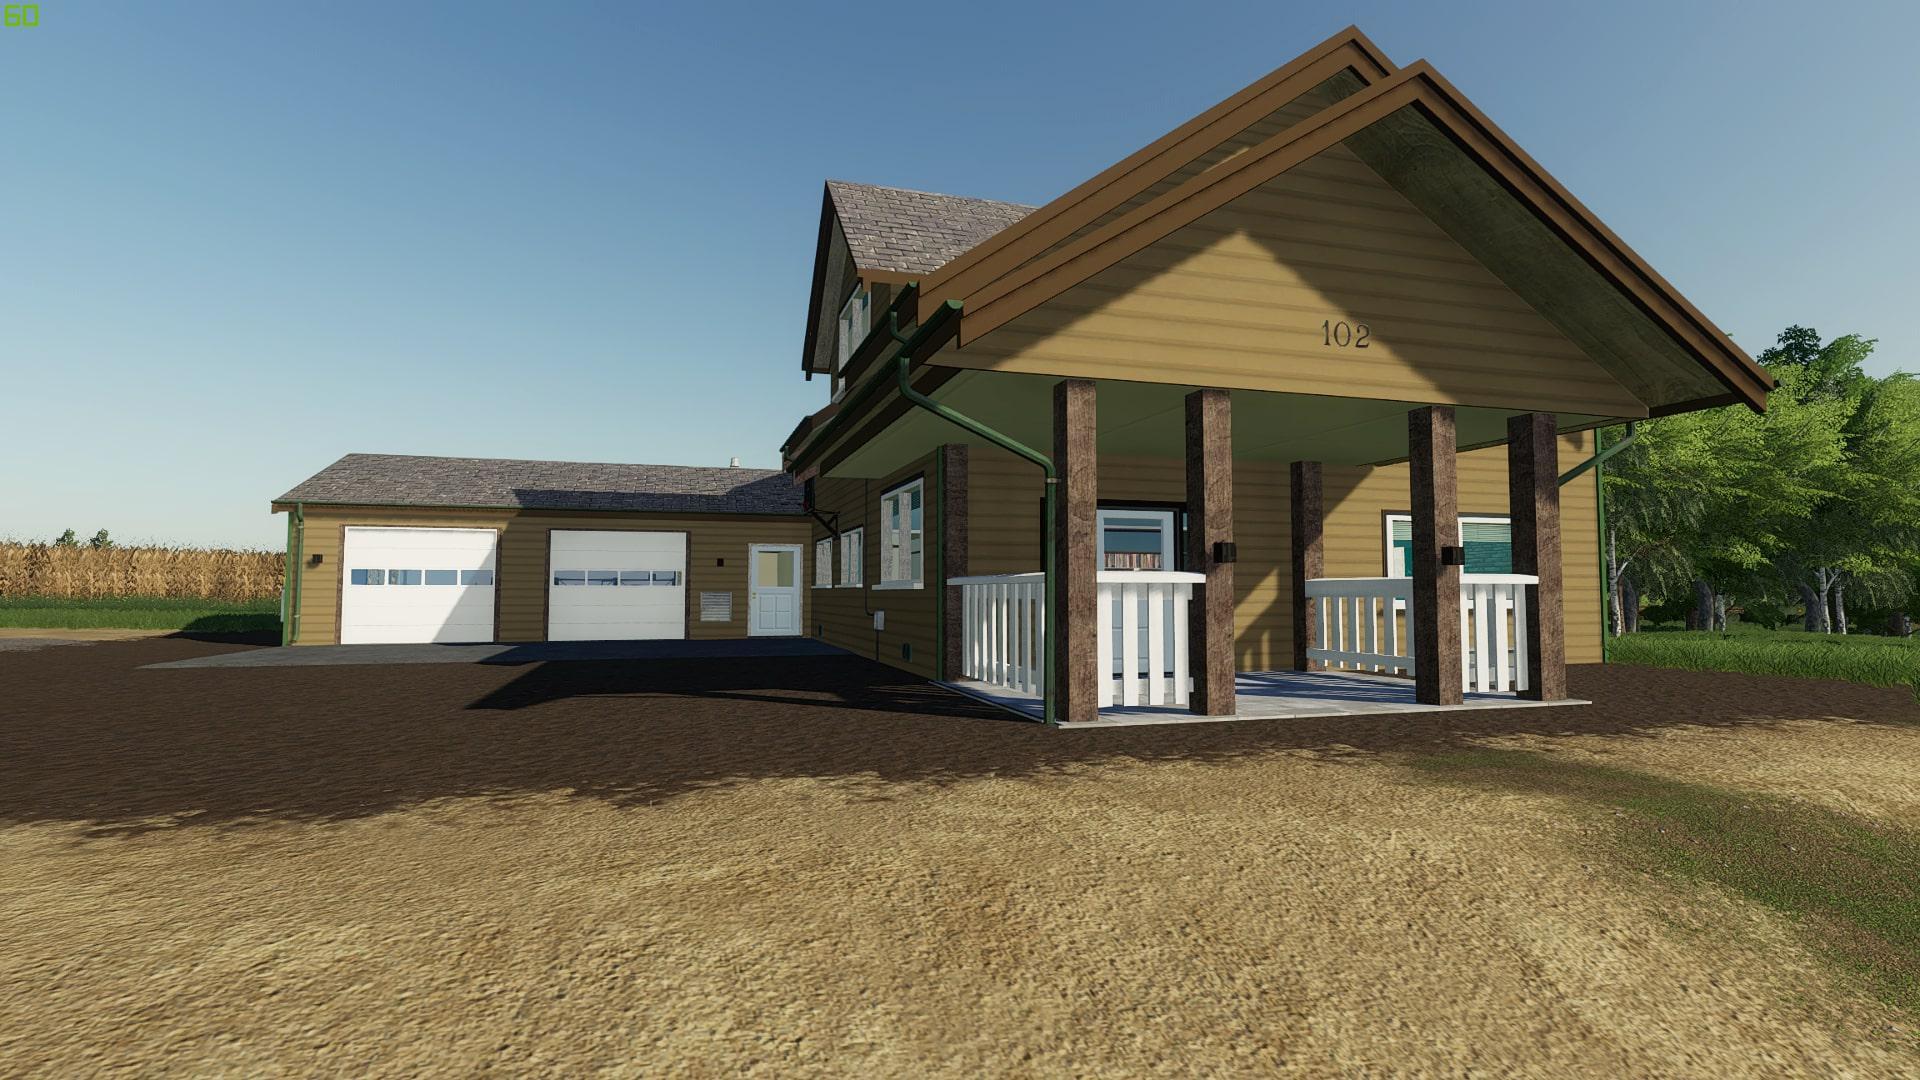 LONE OAK HOUSE V2.0